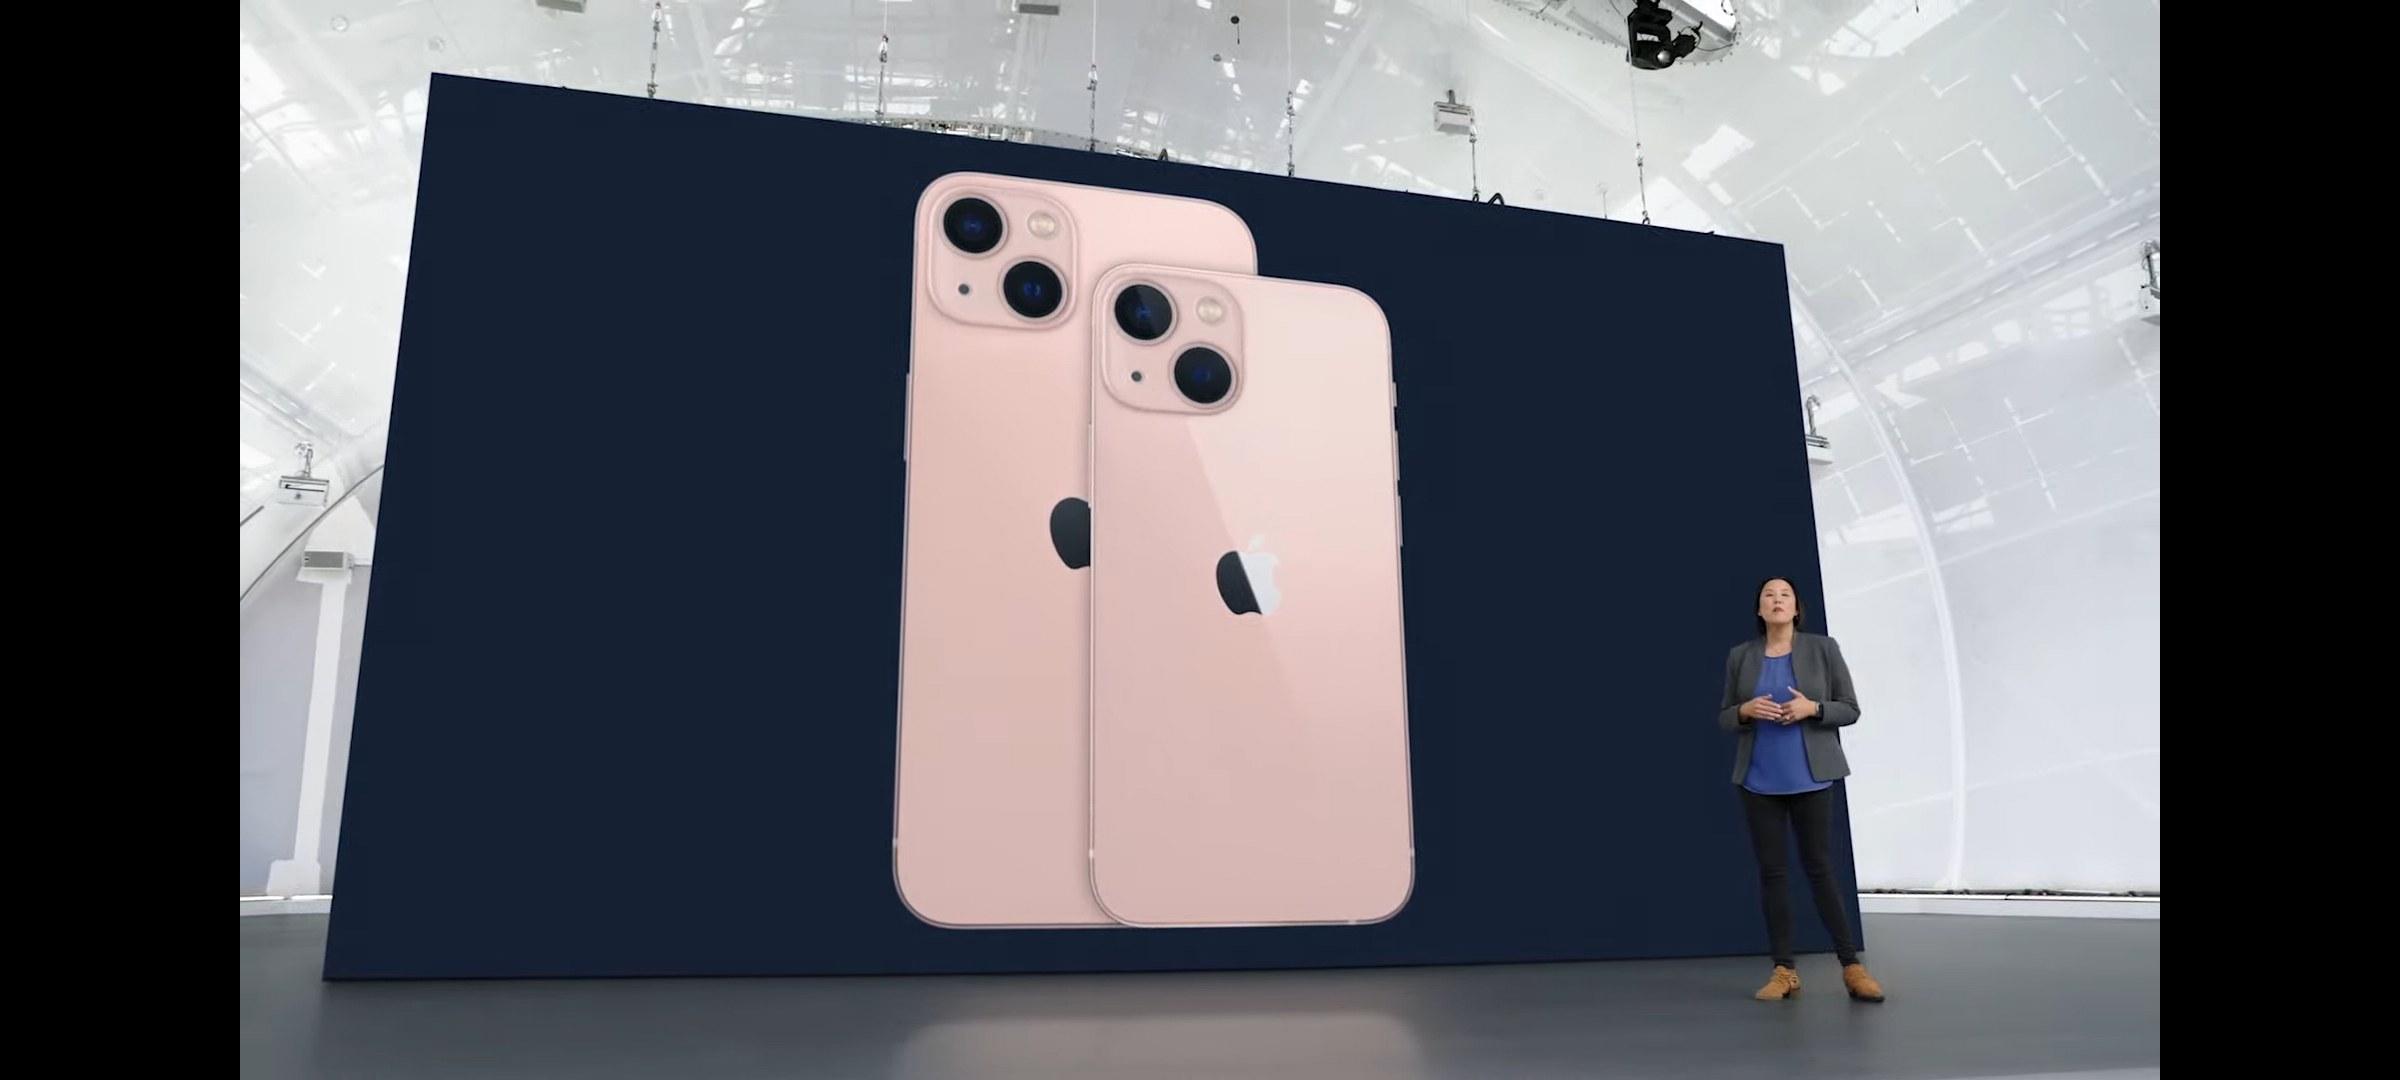 iphone 13 cijena specifikacije